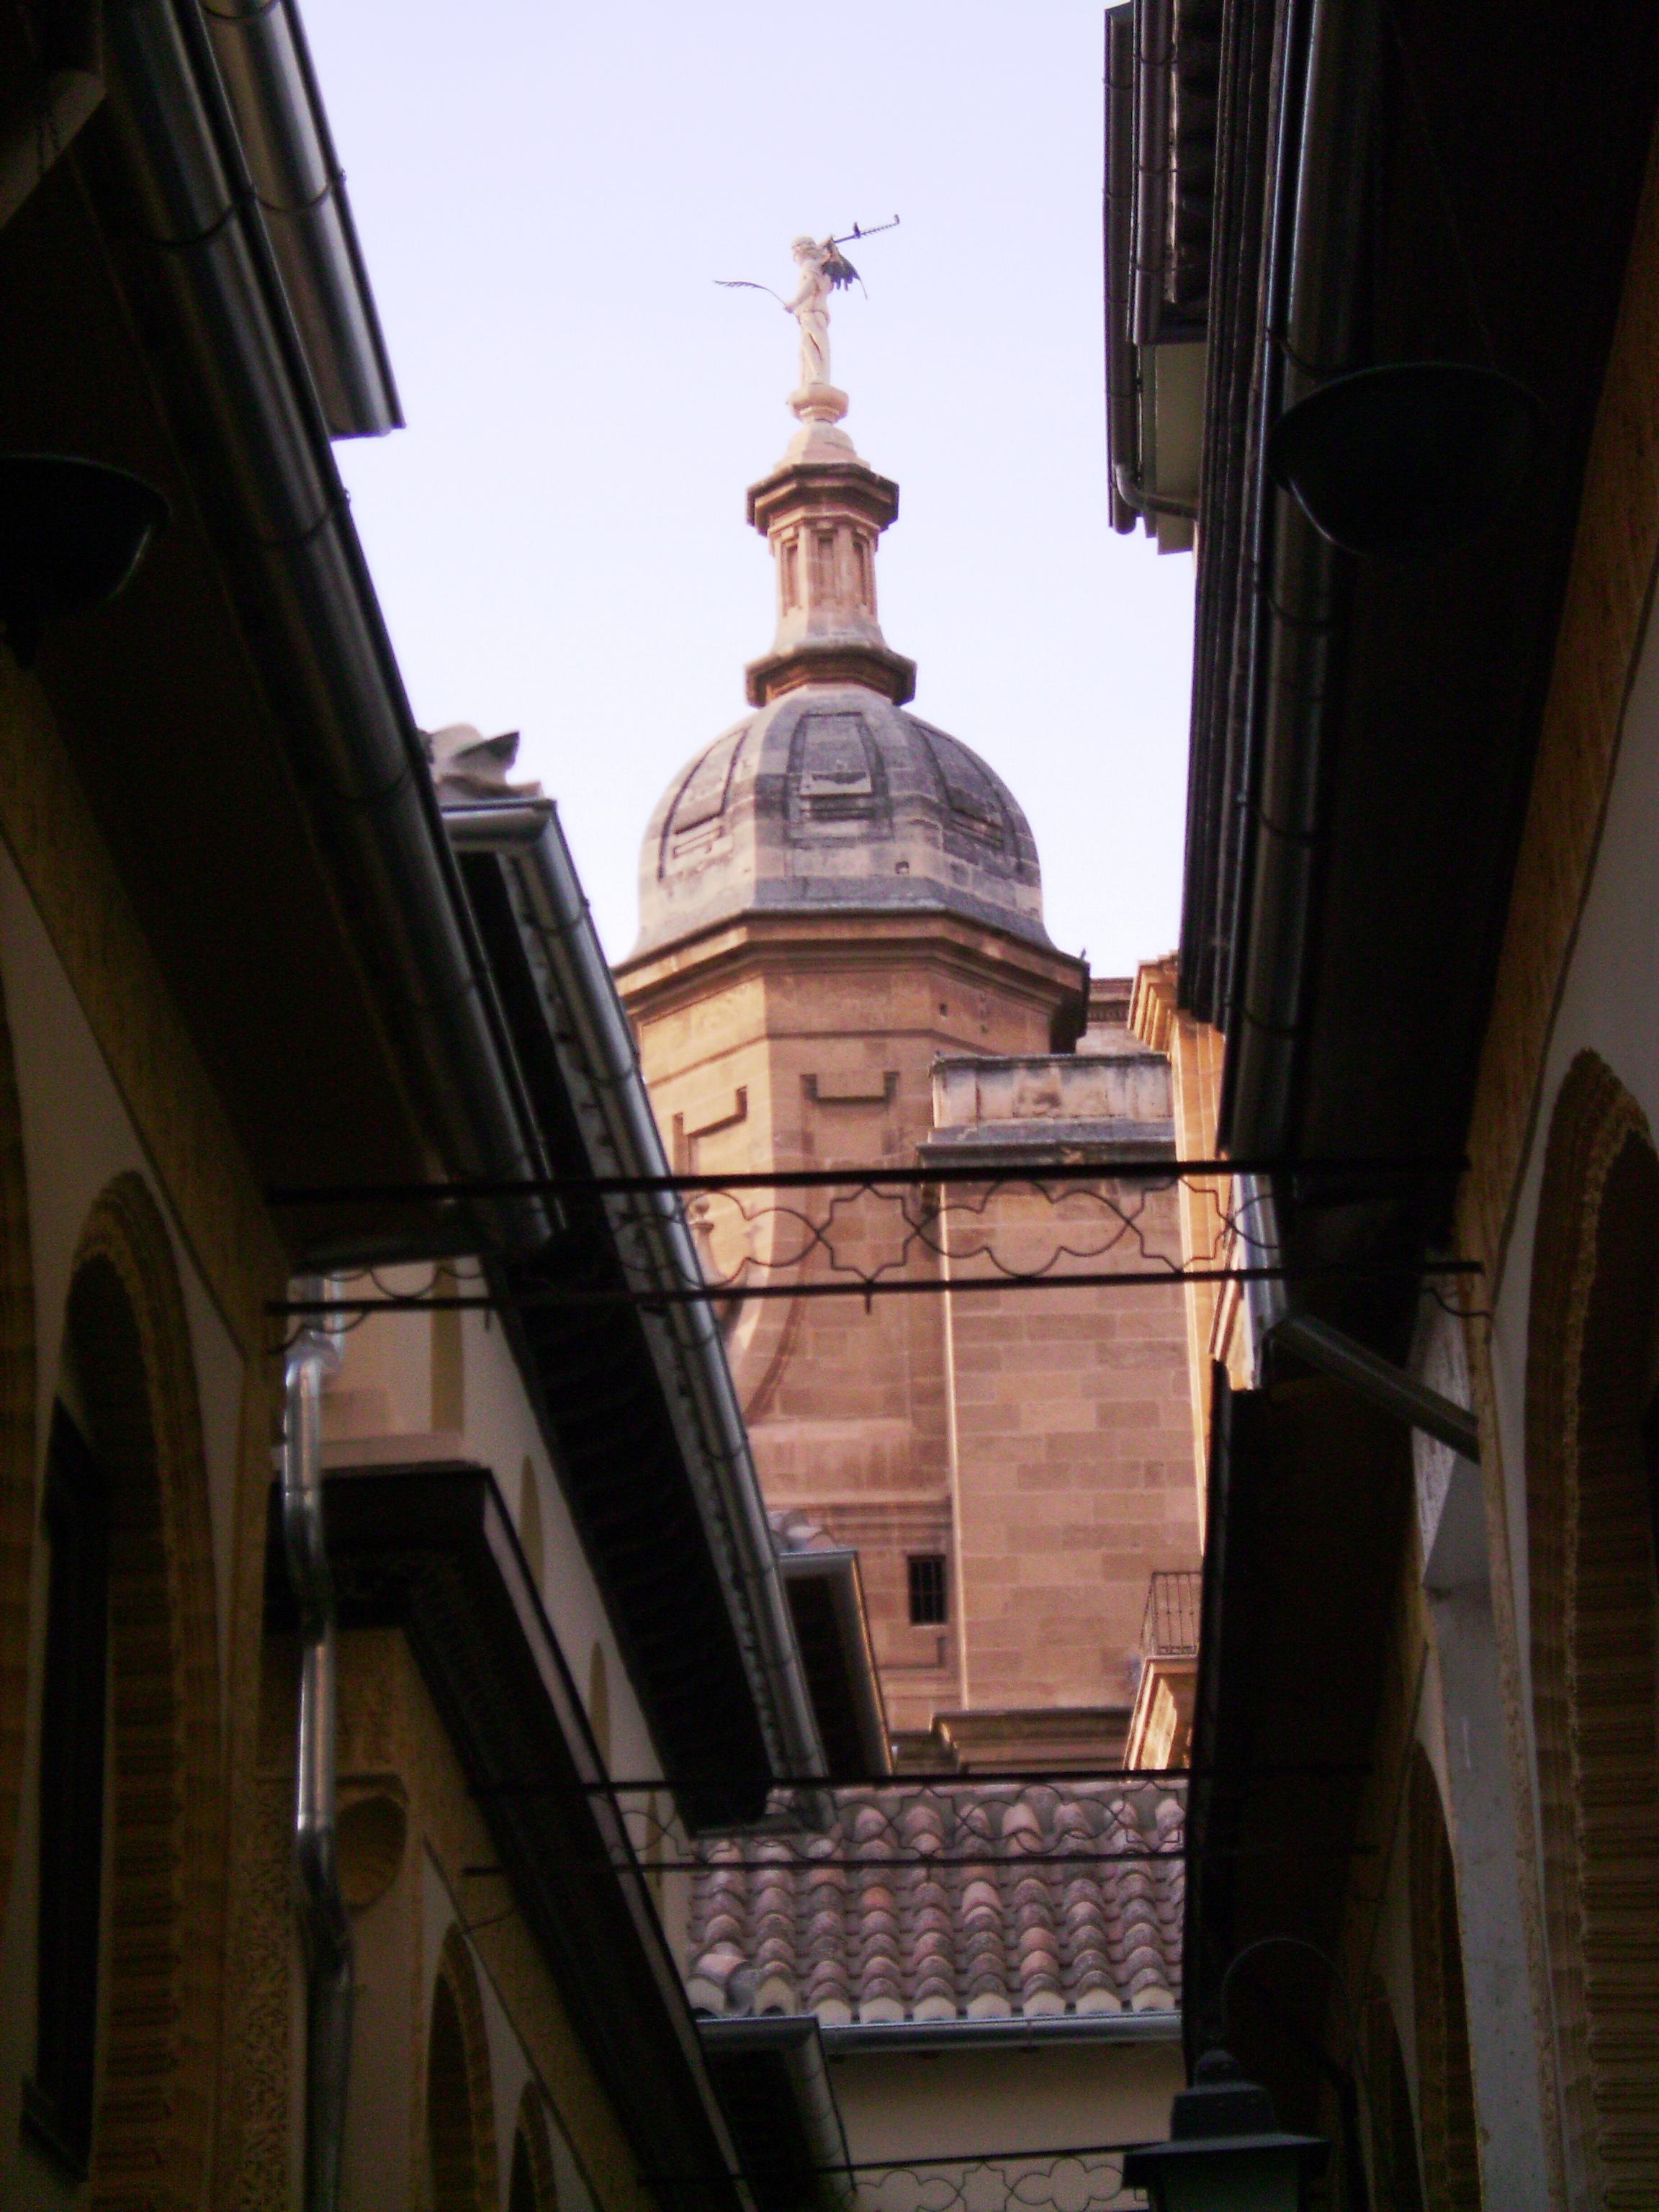 Az építményt San Juan Evangelista építész tervezte gótikus és reneszánsz formákat használva. 1521-ben a katolikus királyokat a királyi kápolnába temették.